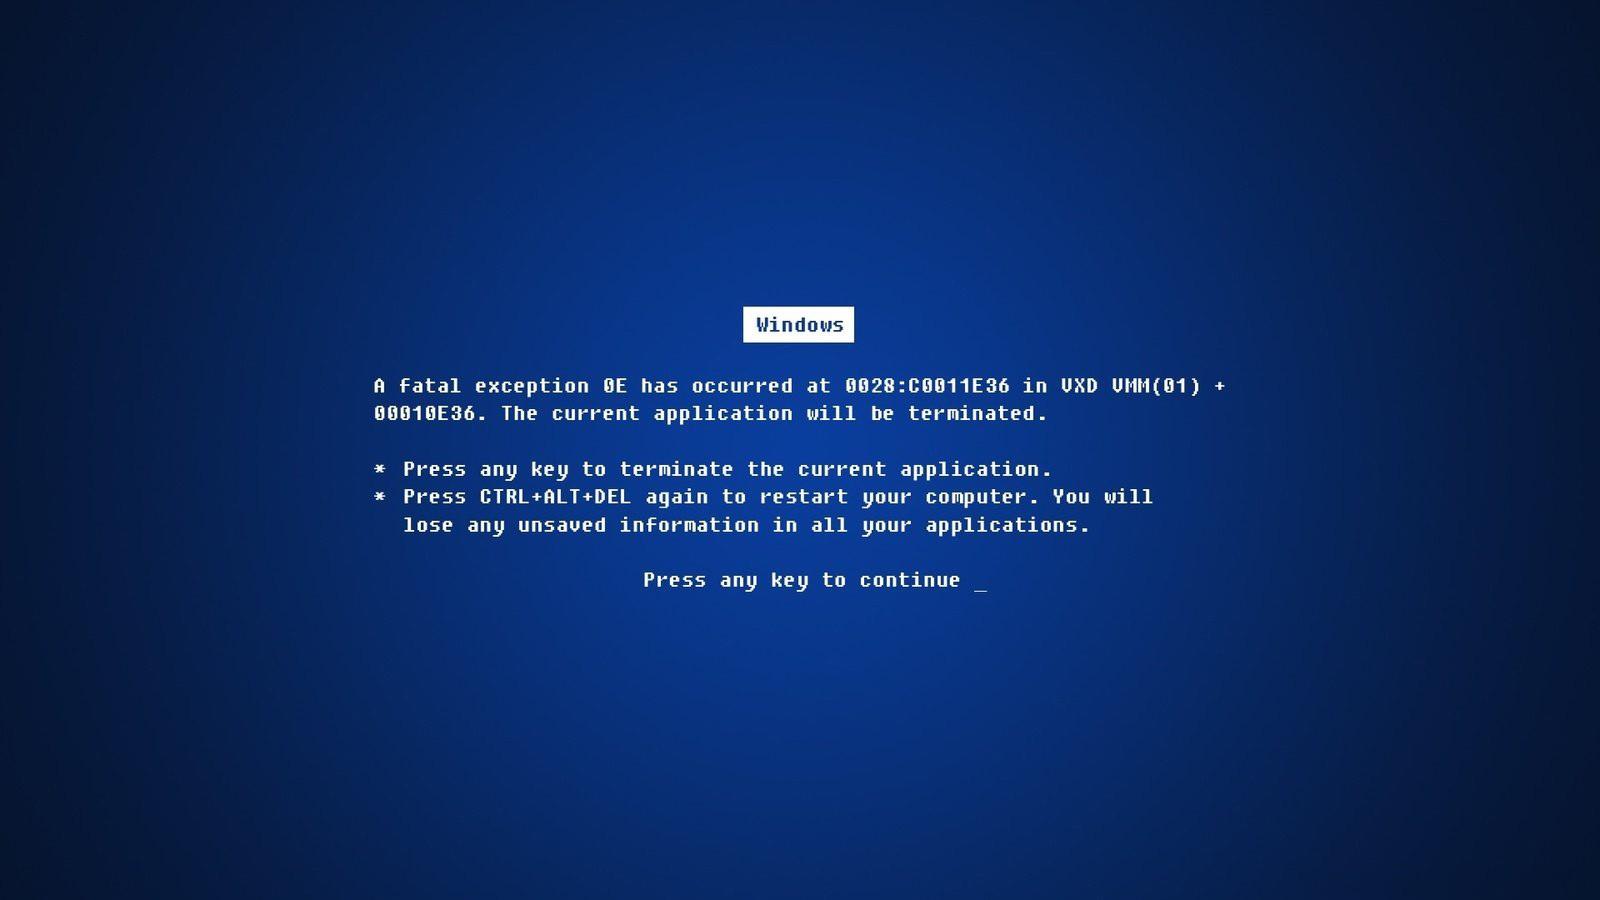 デスクトップ壁紙 テキスト オペレーティング システム ブランド 死のブルースクリーン ライン スクリーンショット プレゼンテーション 1600x900ピクセル コンピュータの壁紙 フォント 図 1600x900 Wallpaperup 5503 デスクトップ壁紙 Wallhere